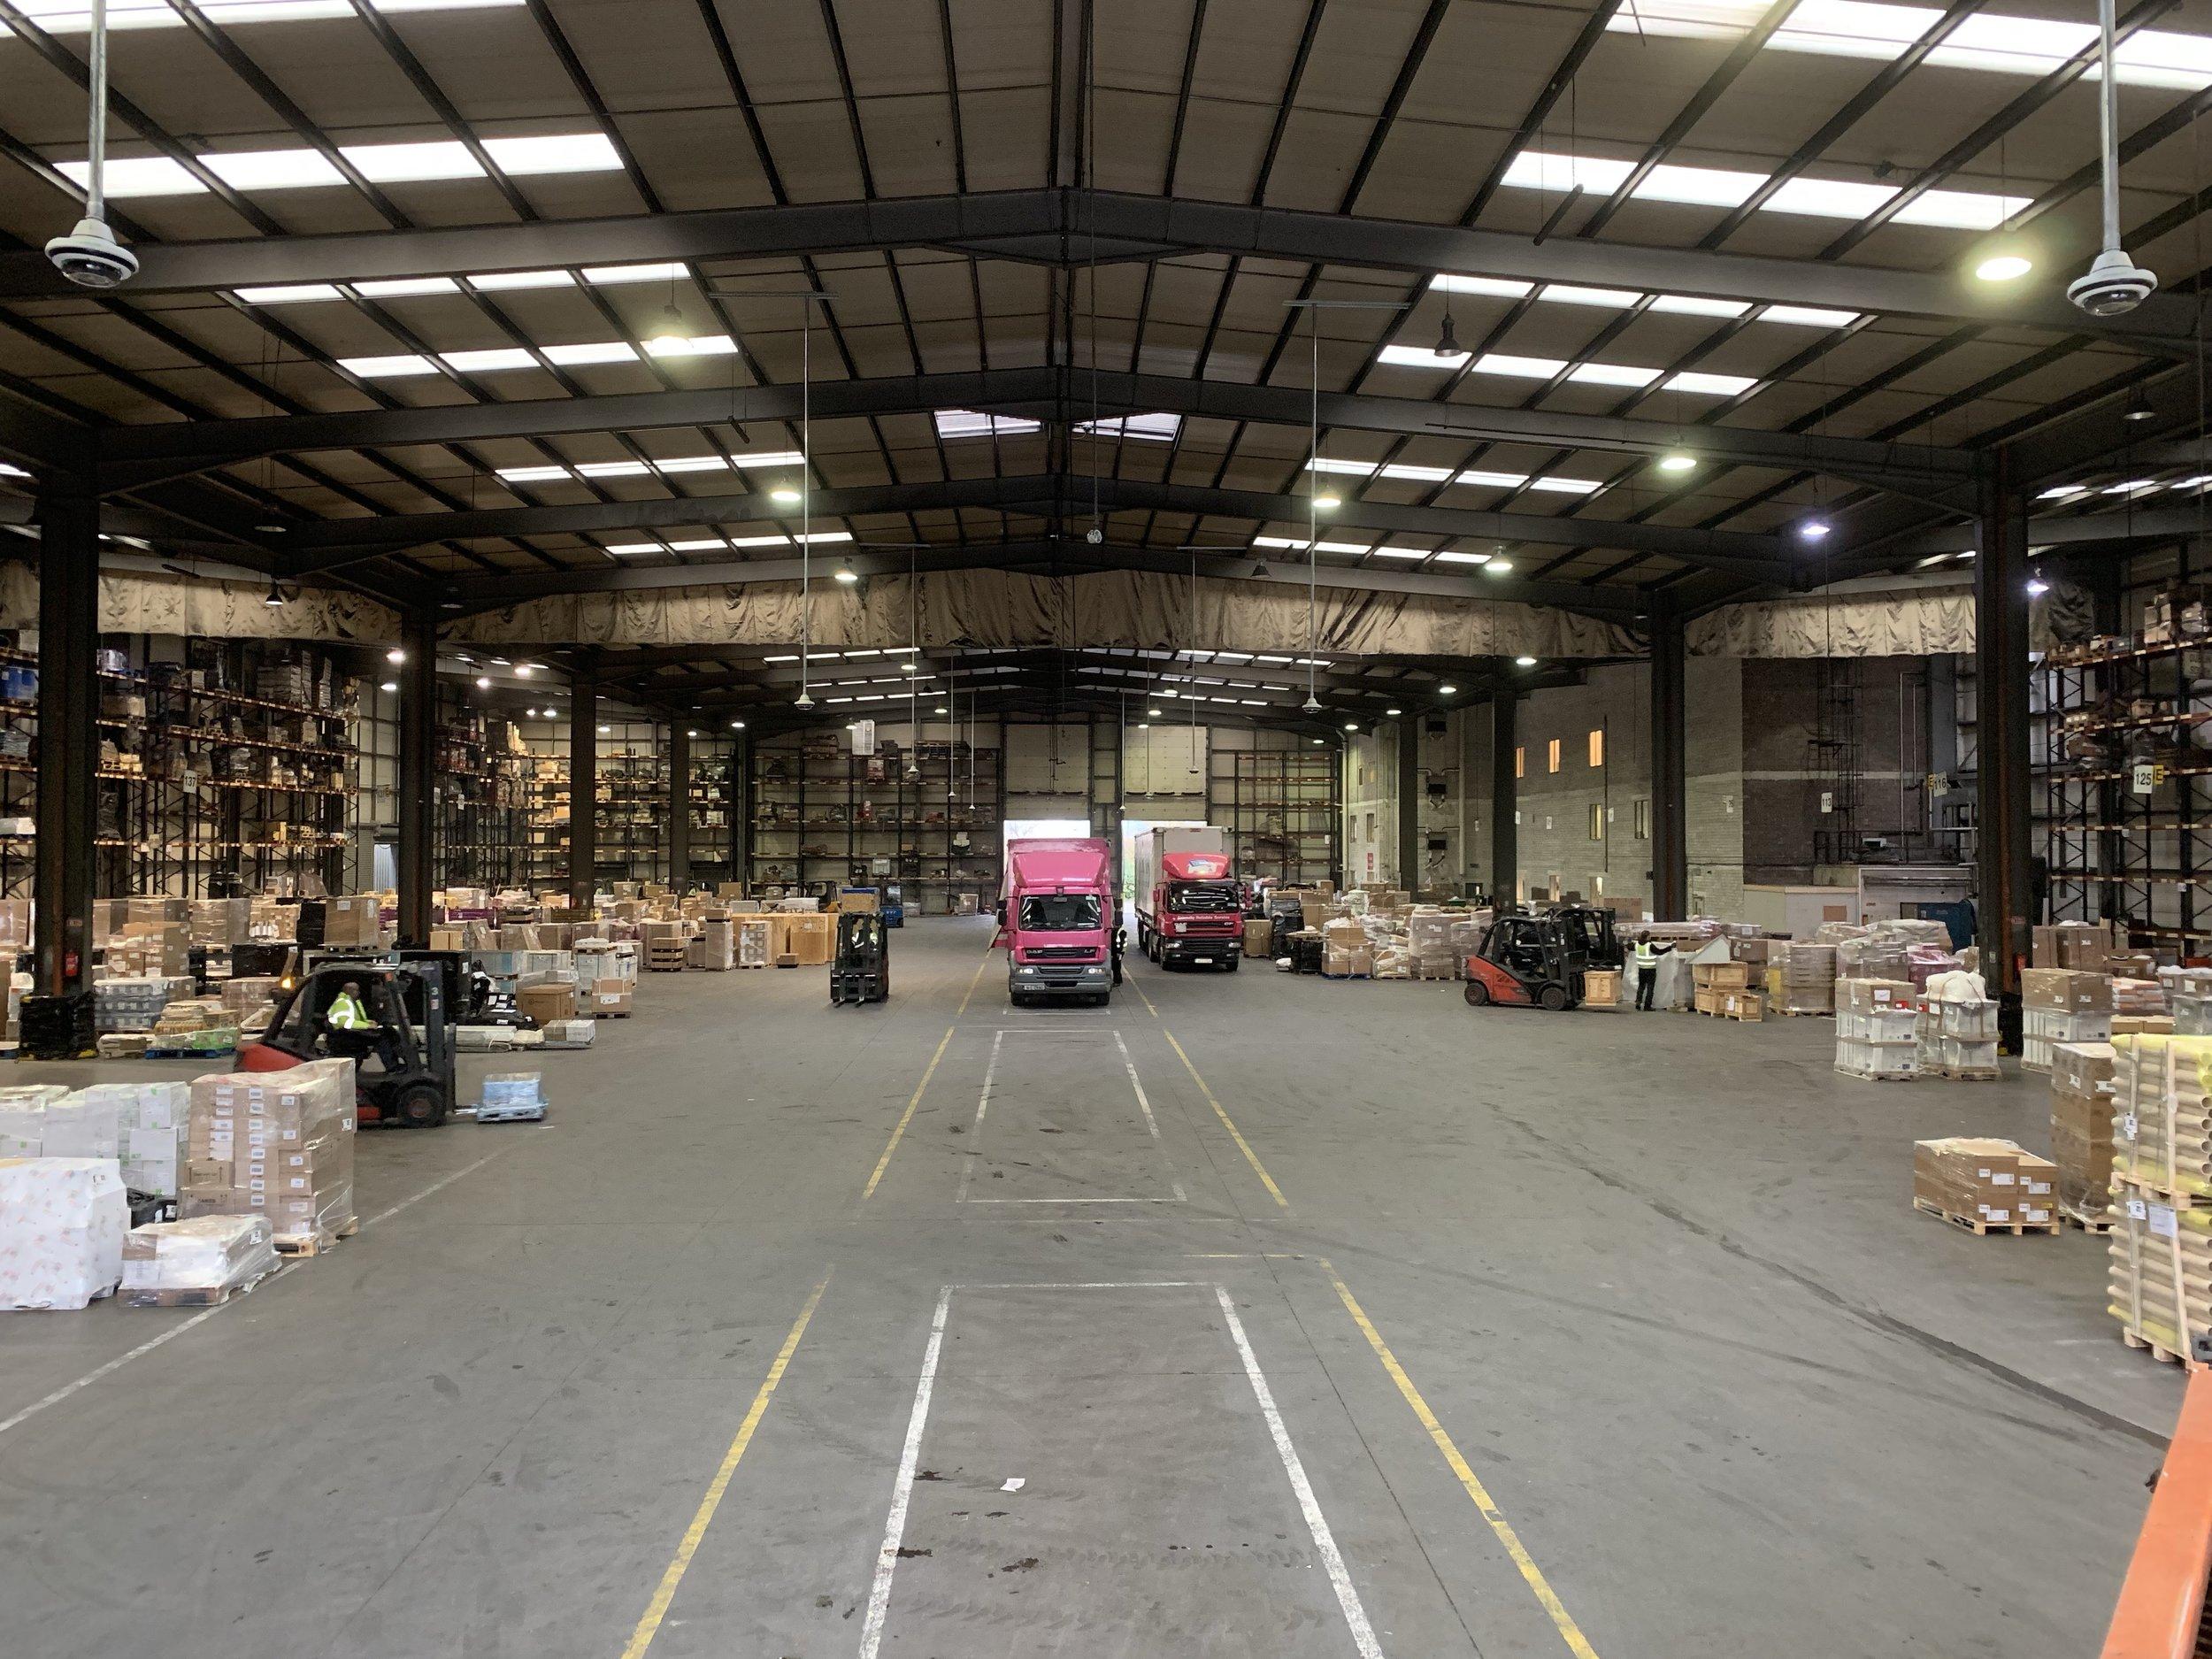 The loading area